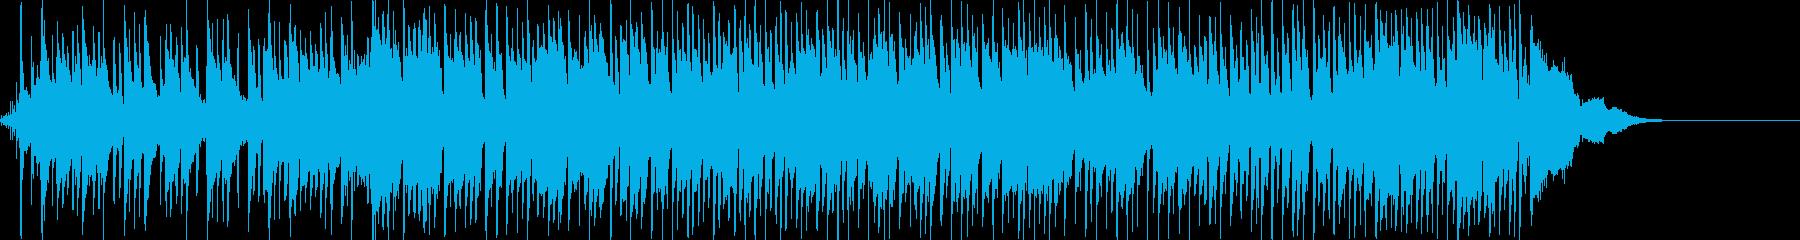 ジングル。子メロディー。の再生済みの波形